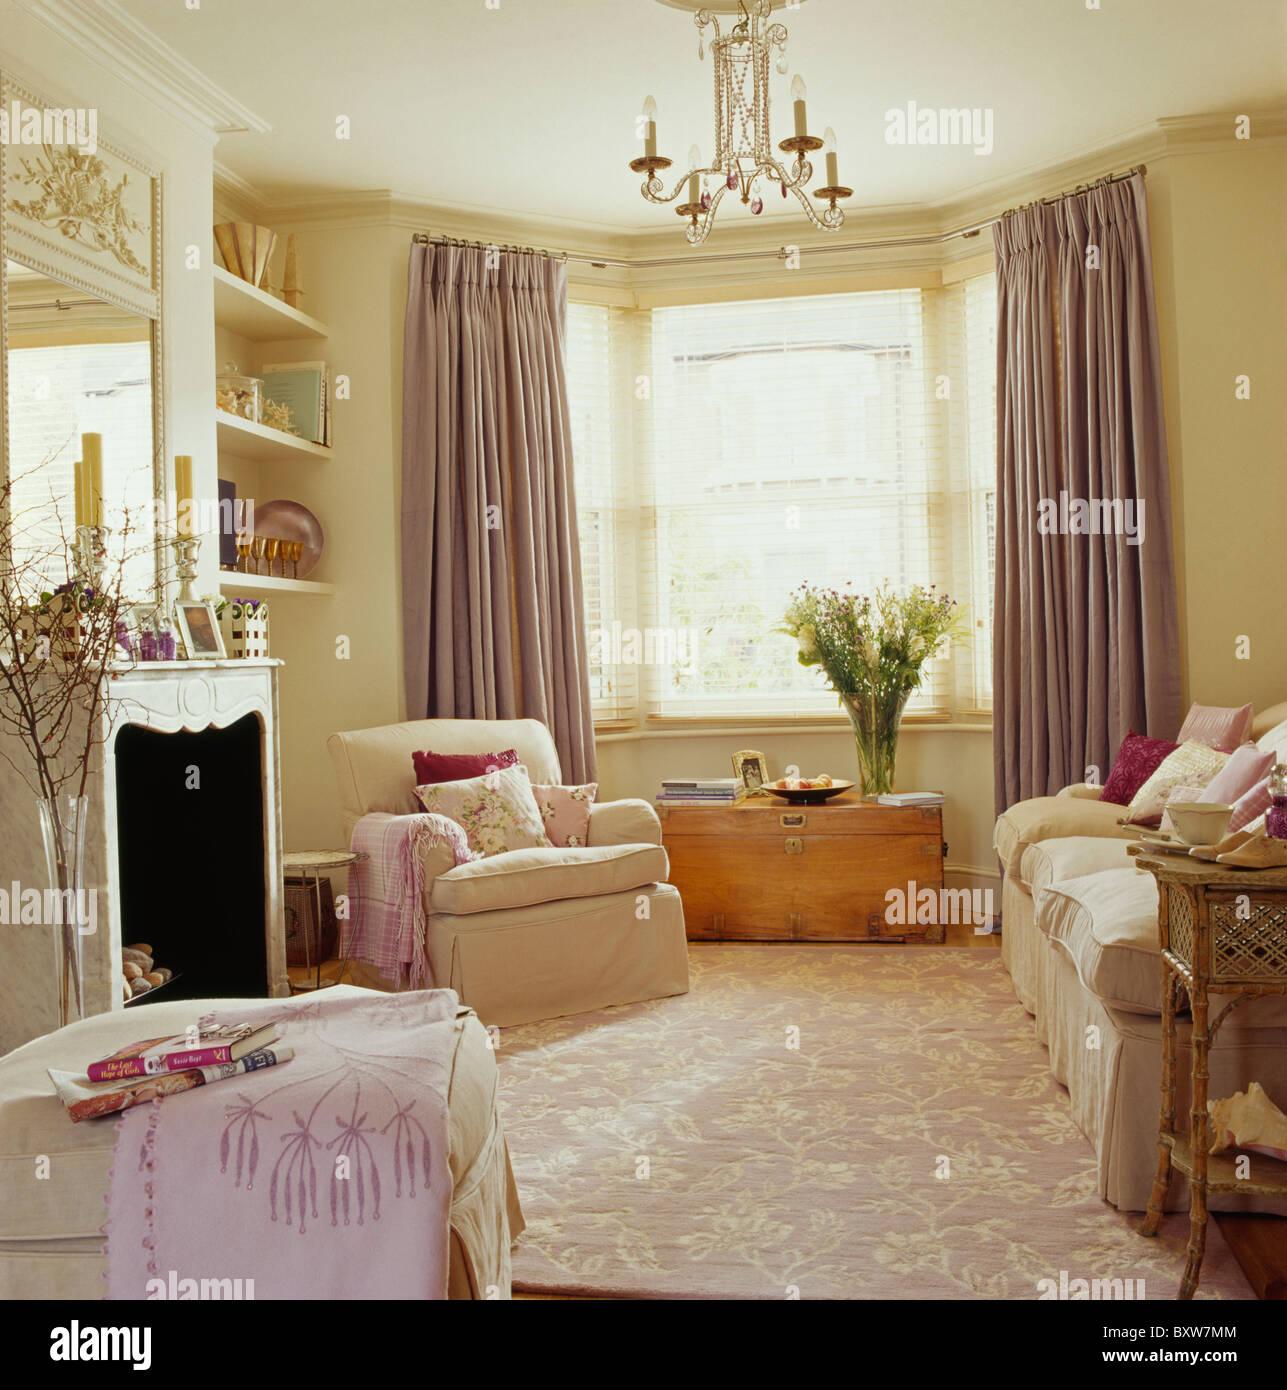 Cream textured carpet in cream living room with pale mauve